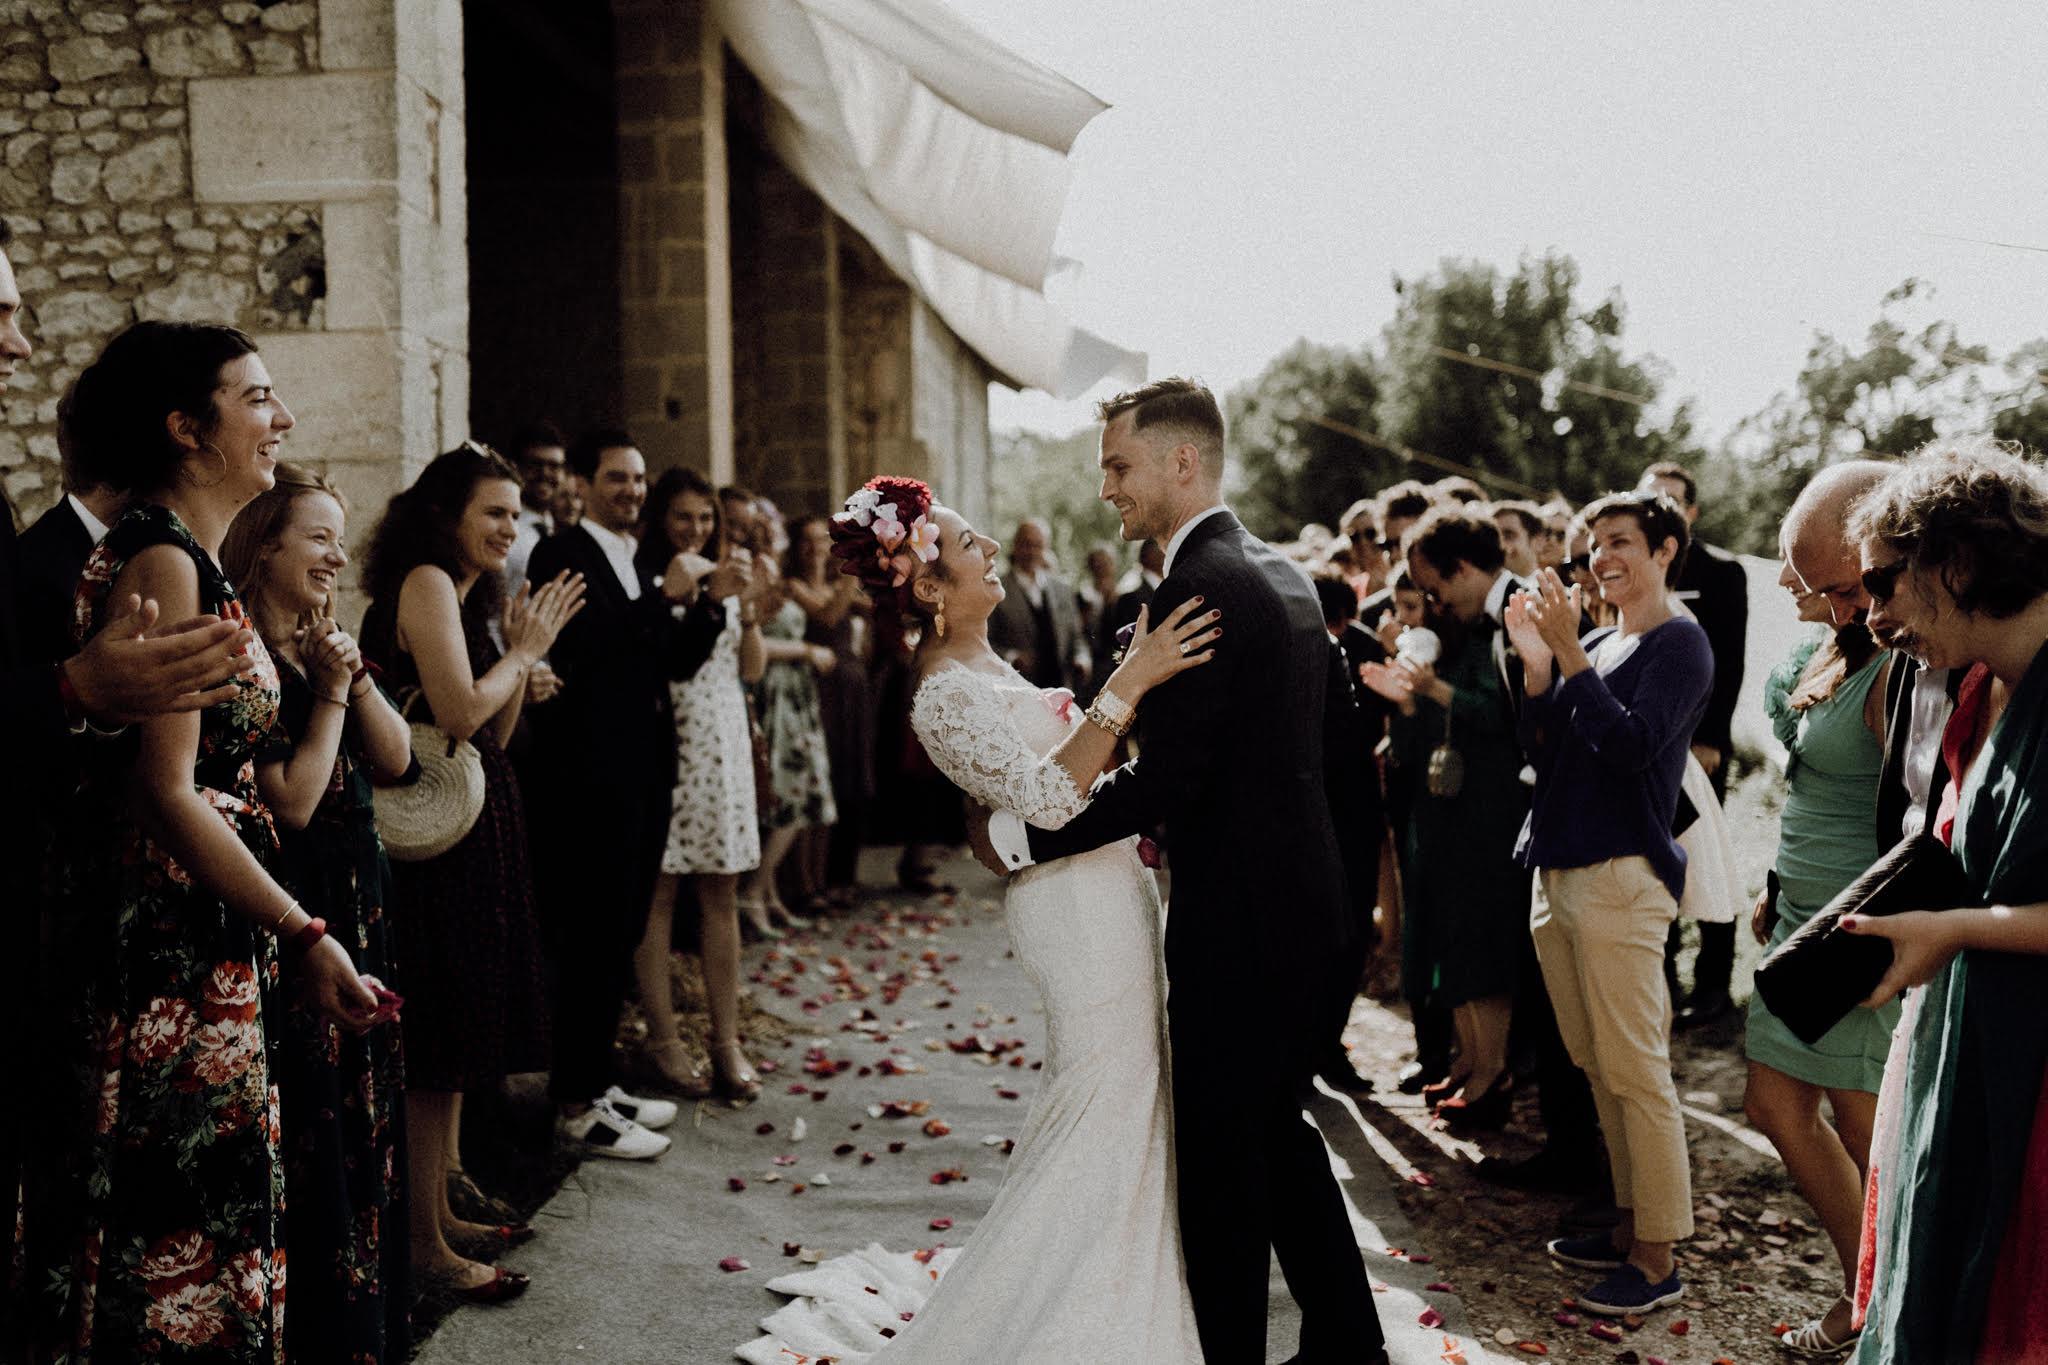 mariage-ceremonie-laique-amour-couple-danse